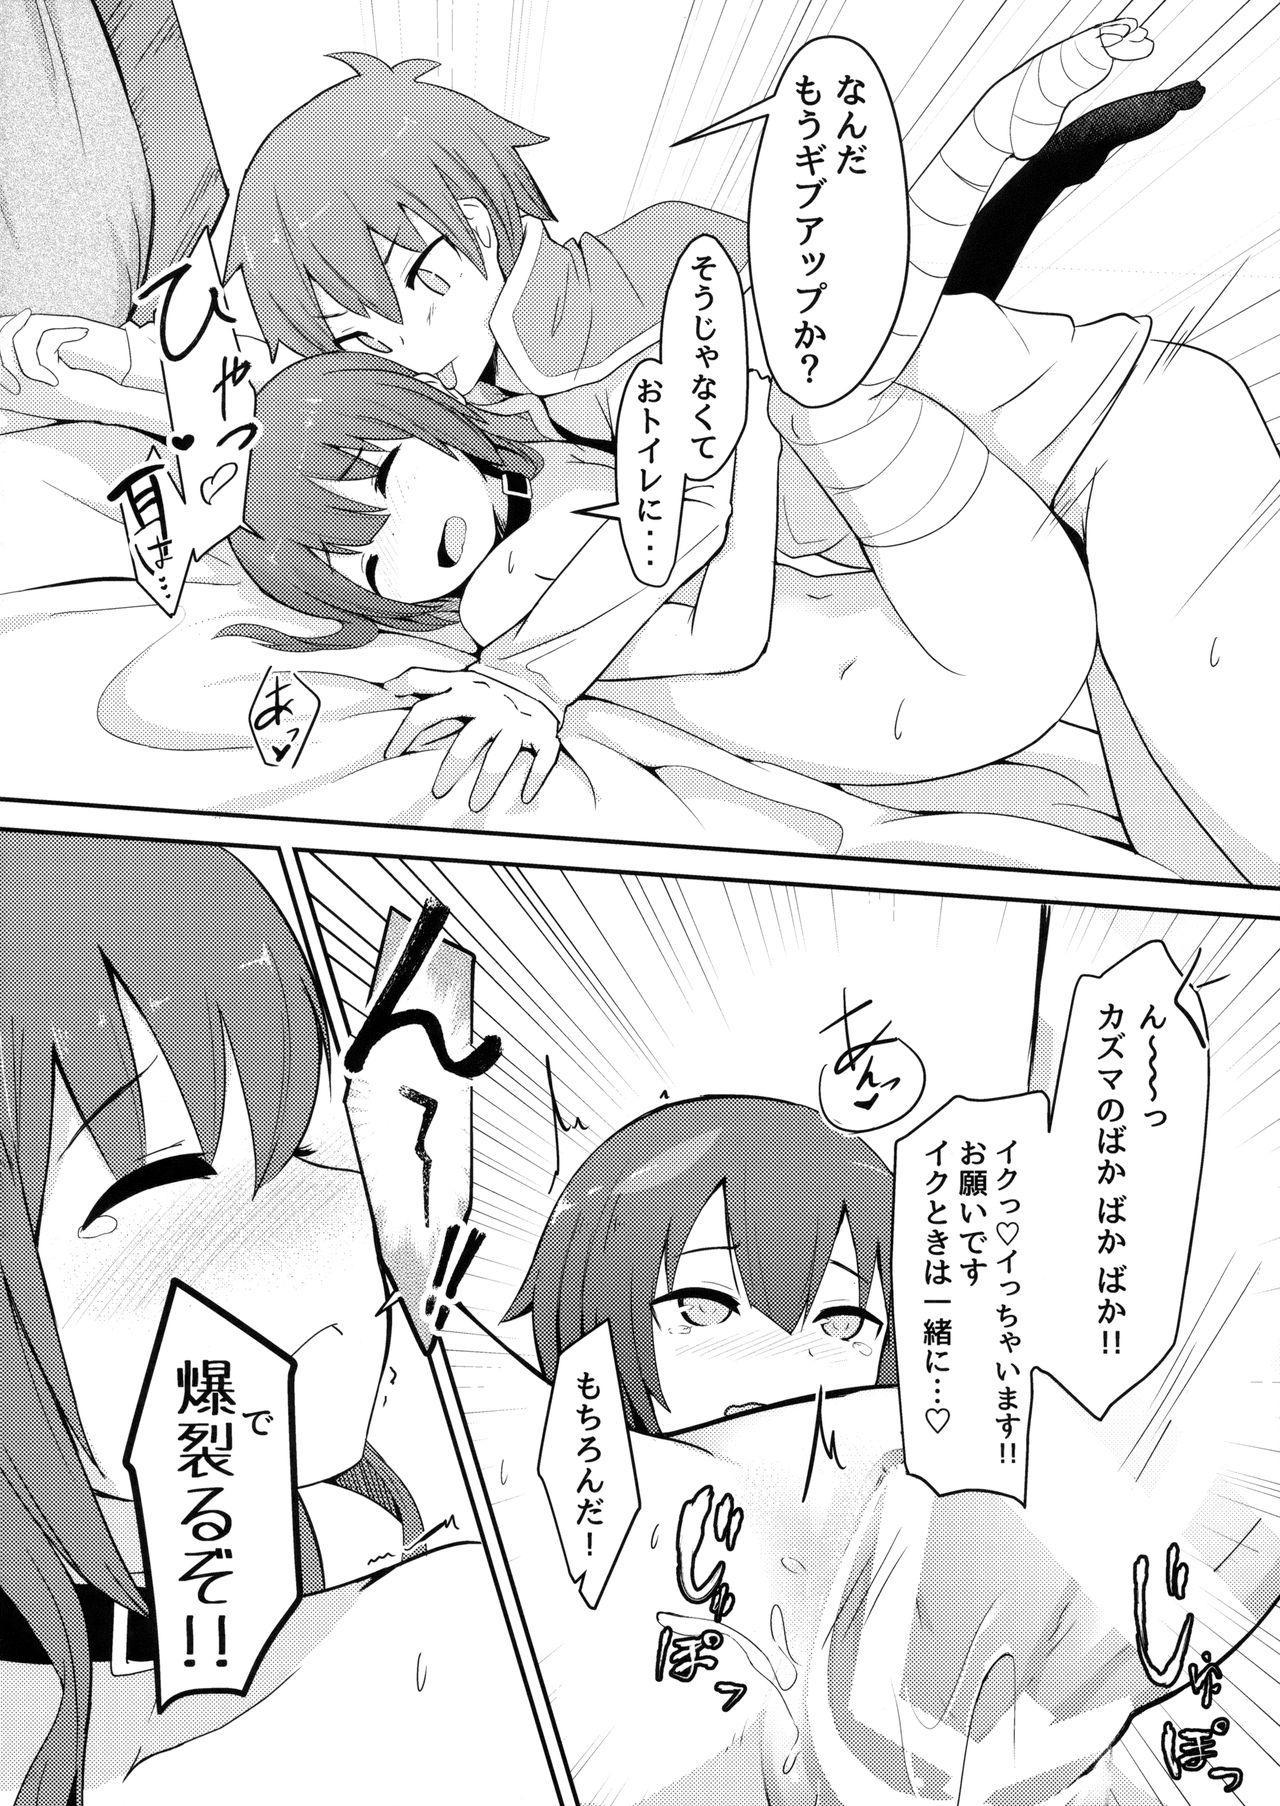 Kono Sukebe na Bakuretsu Musume ni Tyoukyou wo! 20